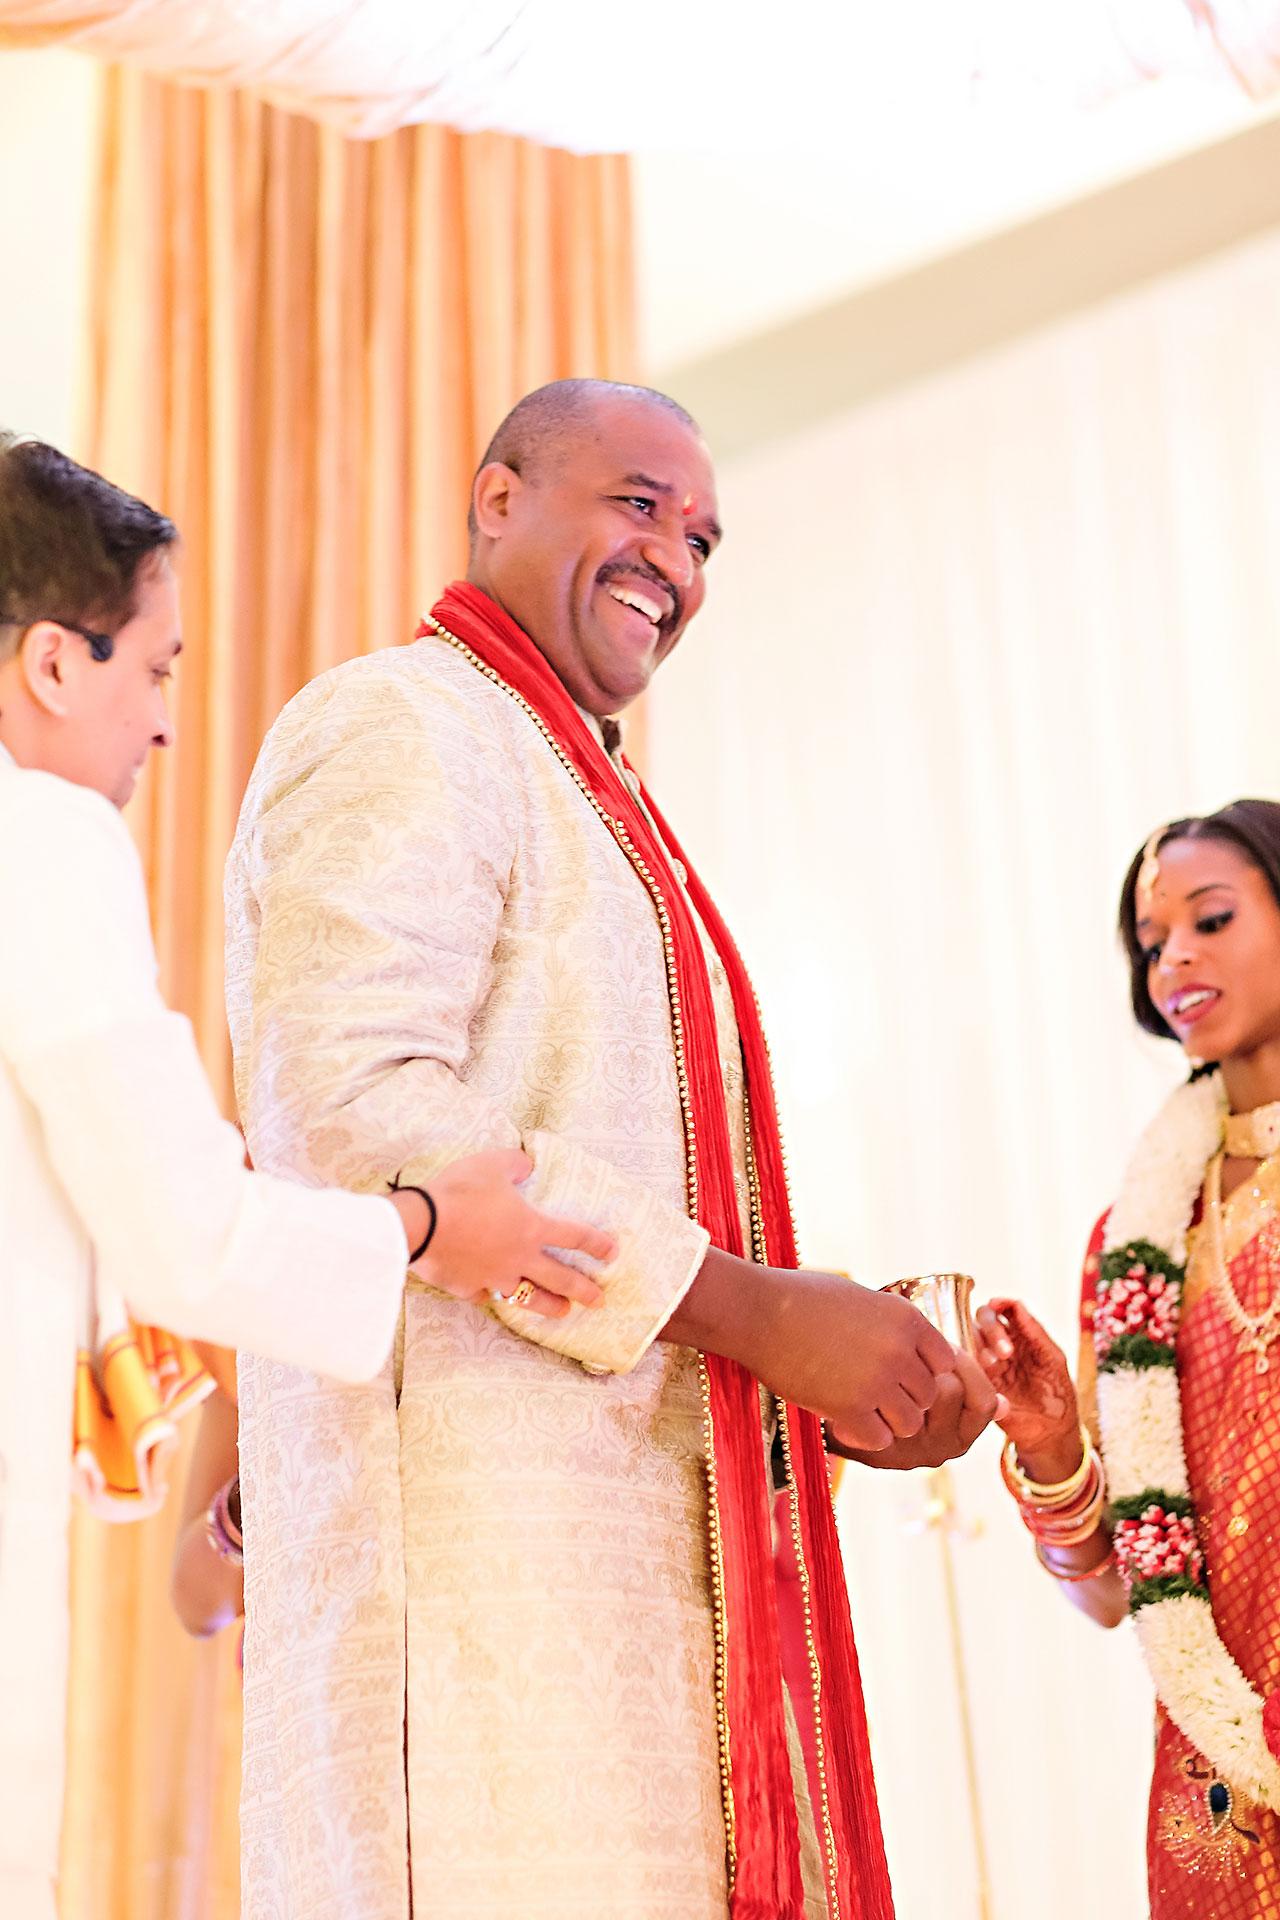 Joie Nikhil JW Marriott Indian Wedding 253